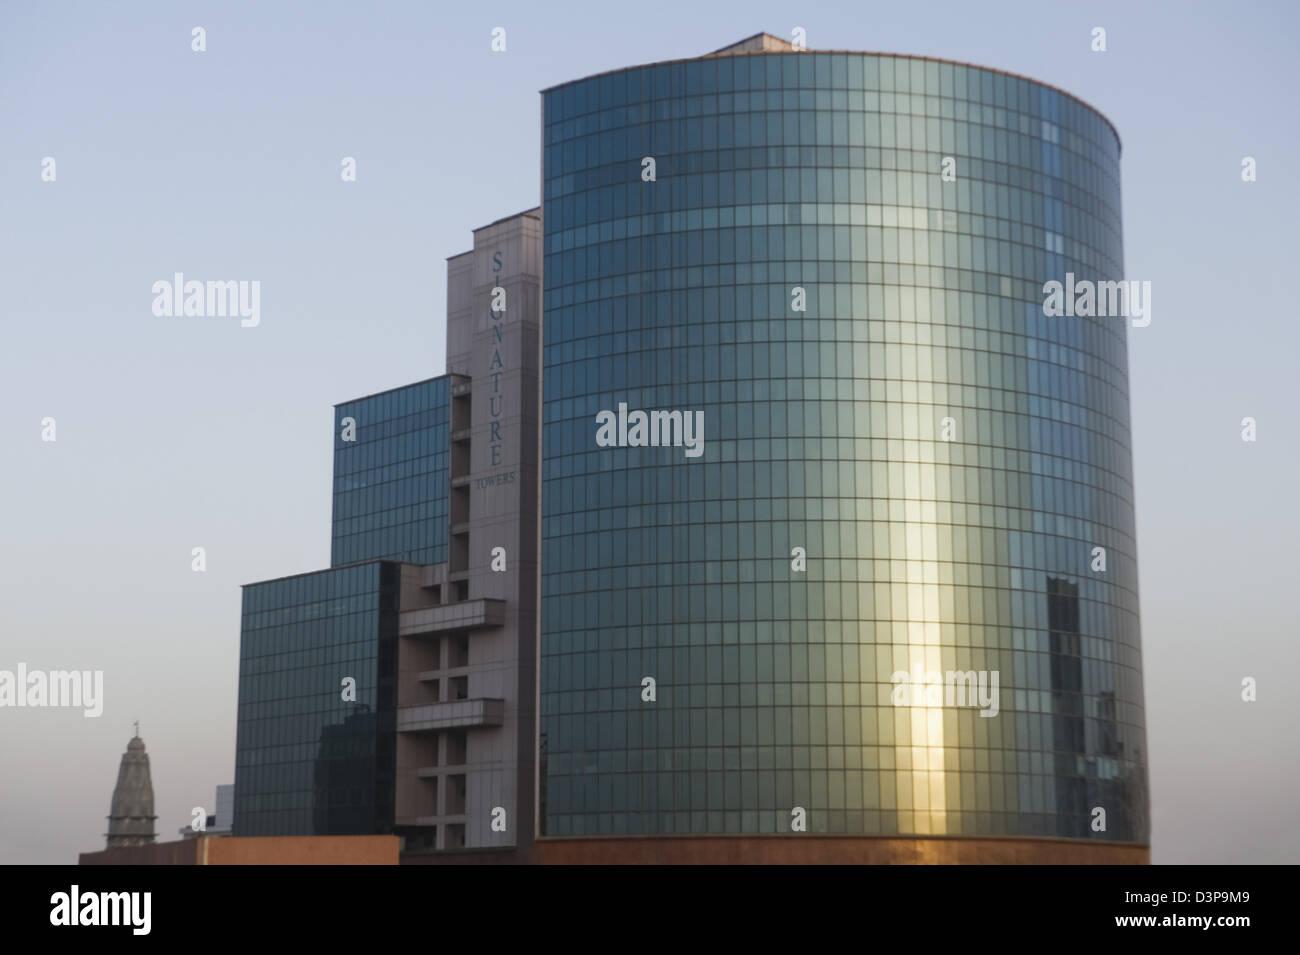 Sun riflettendo sul vetro di un edificio per uffici, firma torri, Gurgaon, Haryana, India Immagini Stock